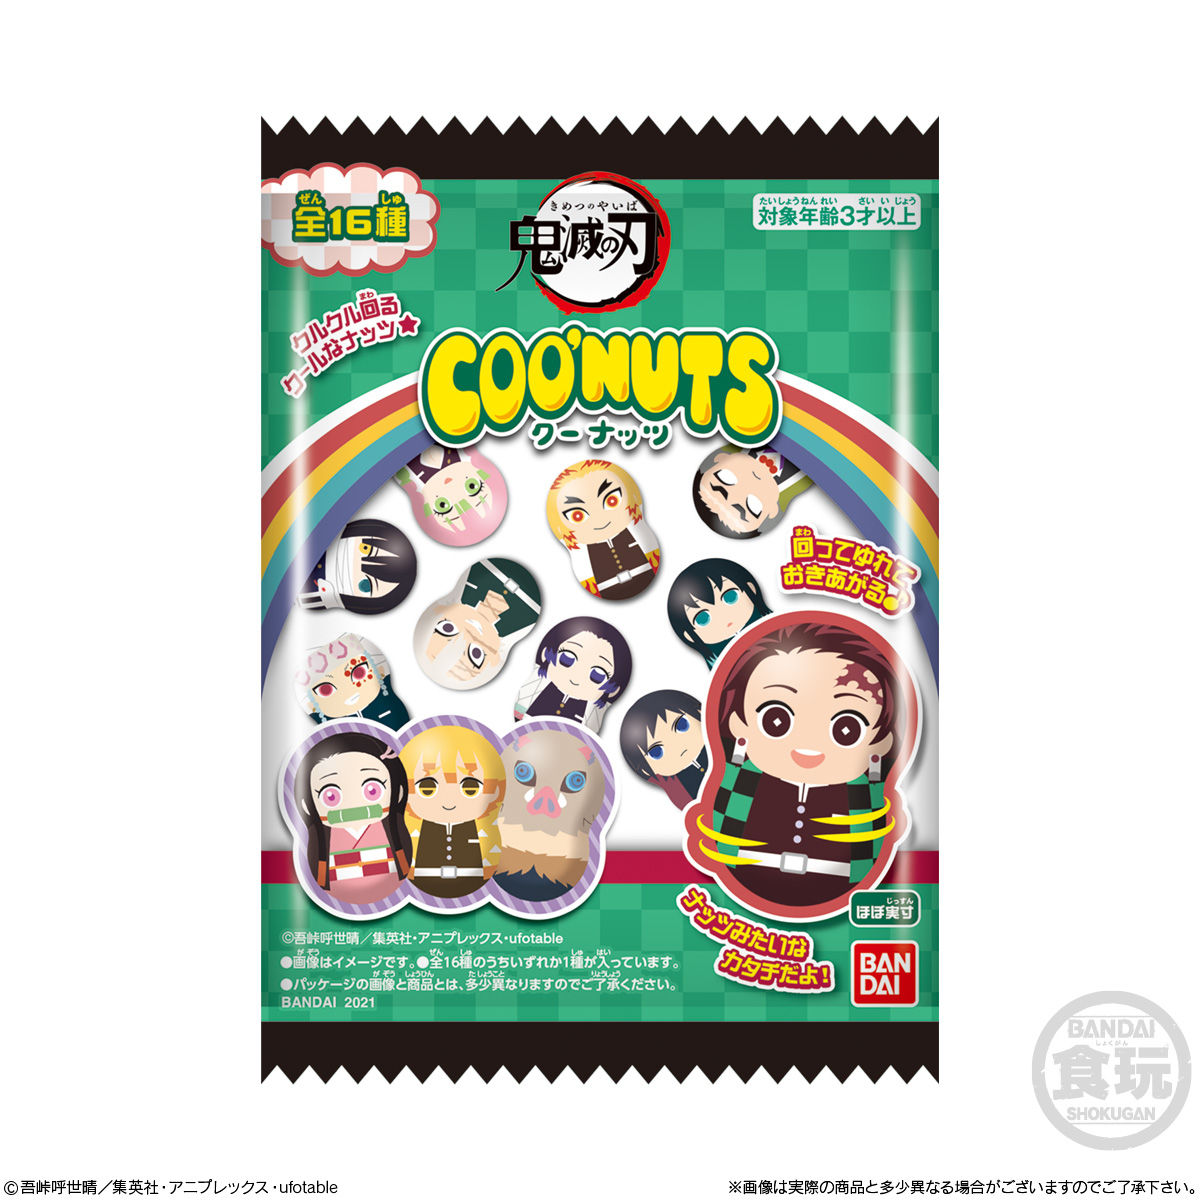 【食玩】鬼滅の刃『クーナッツ 鬼滅の刃』14個入りBOX-008